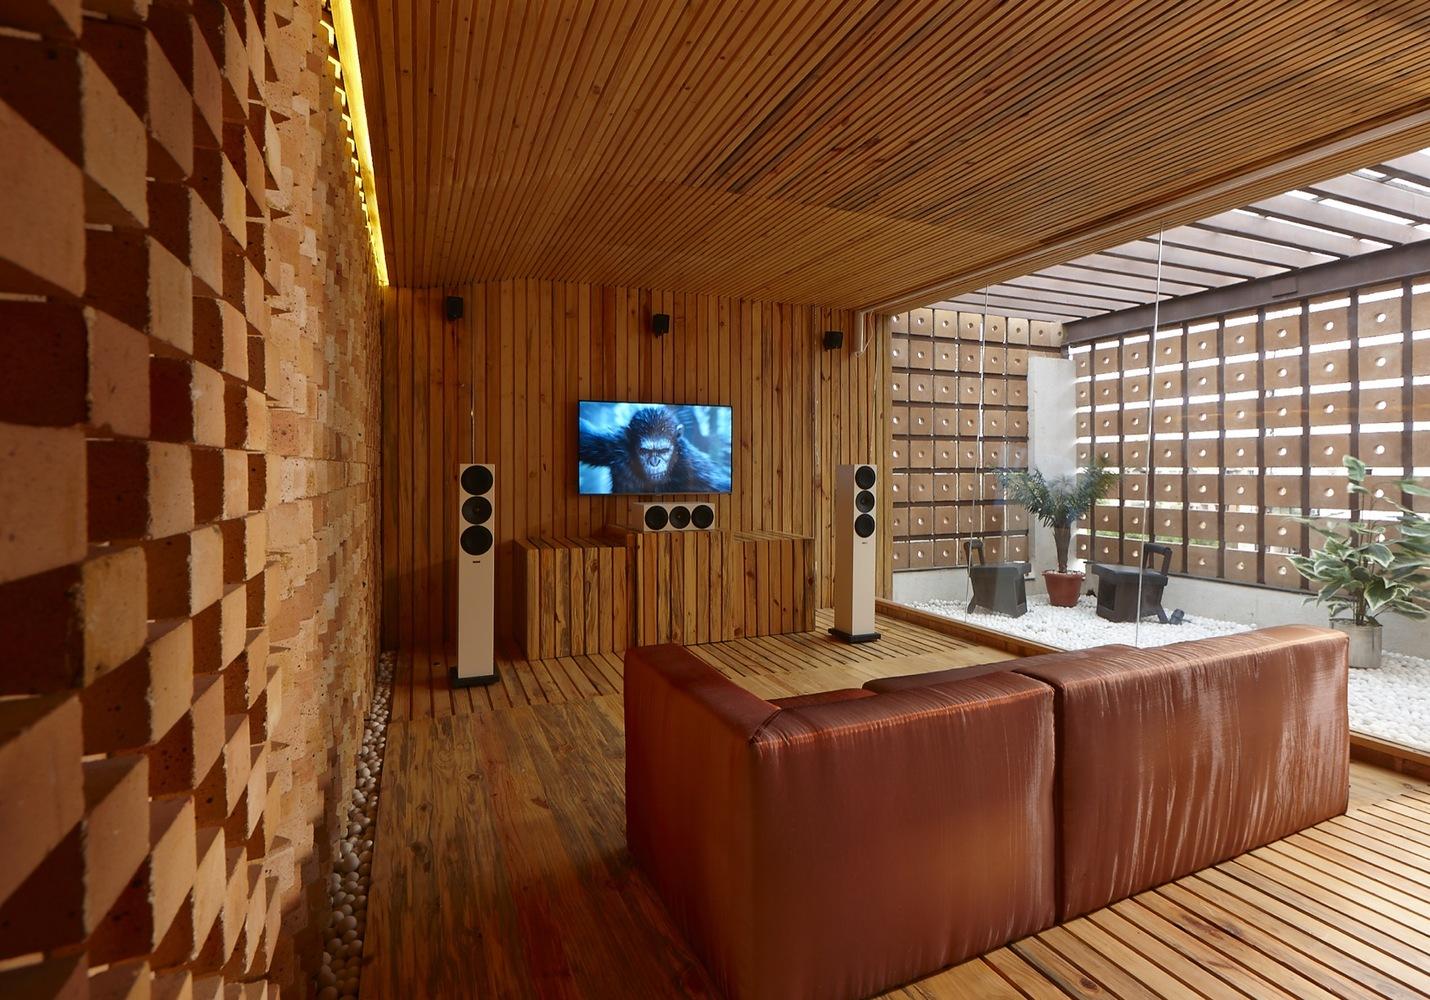 Home Theatre Studio InteriorCourtesy of Sfurna Designs